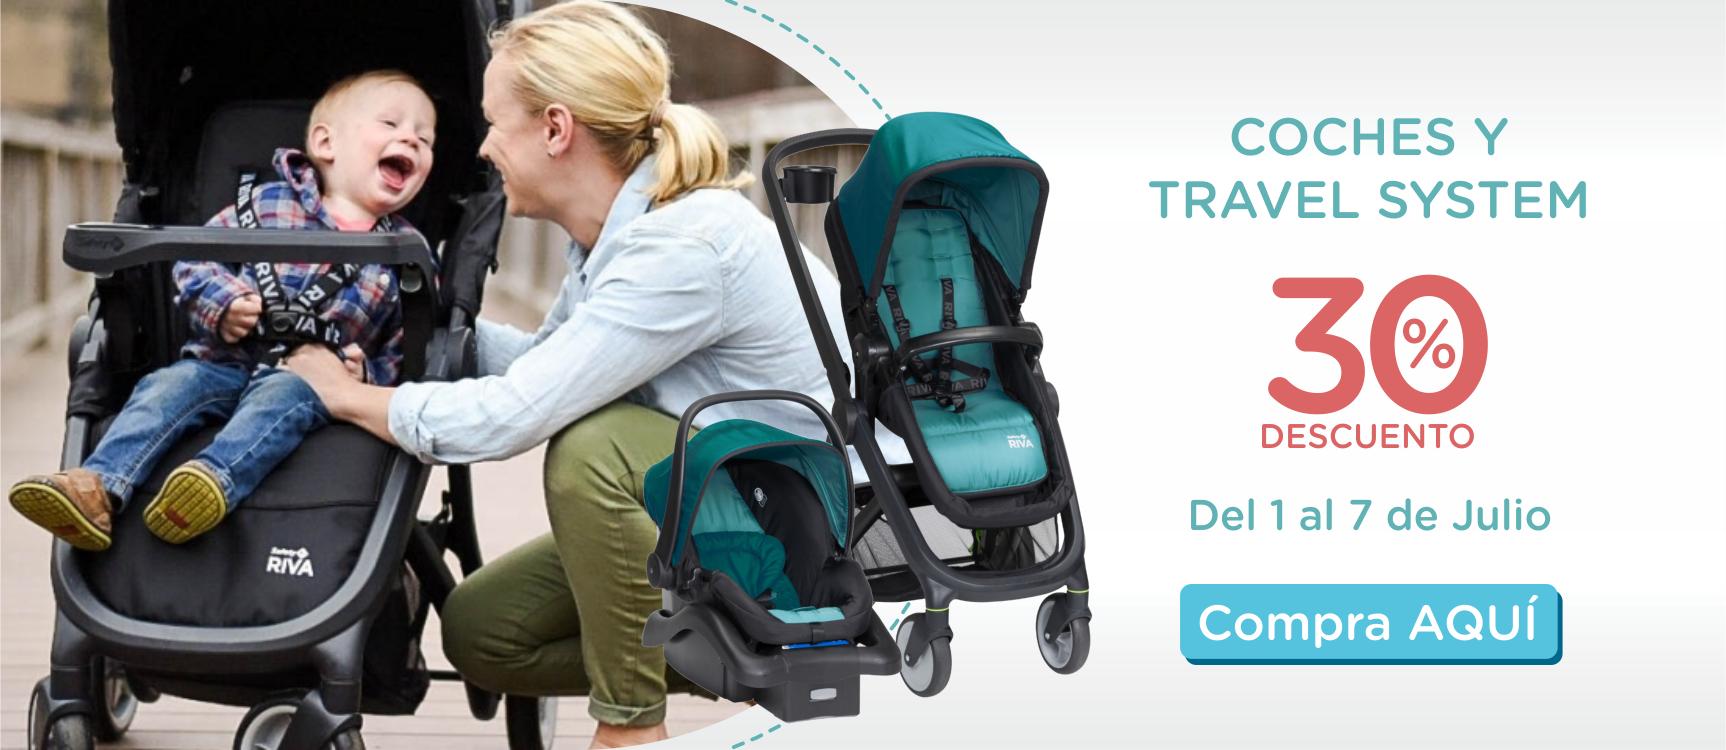 2a696db4b Baby Infanti Store - Tienda Online Especialistas en Bebé y la Familia -